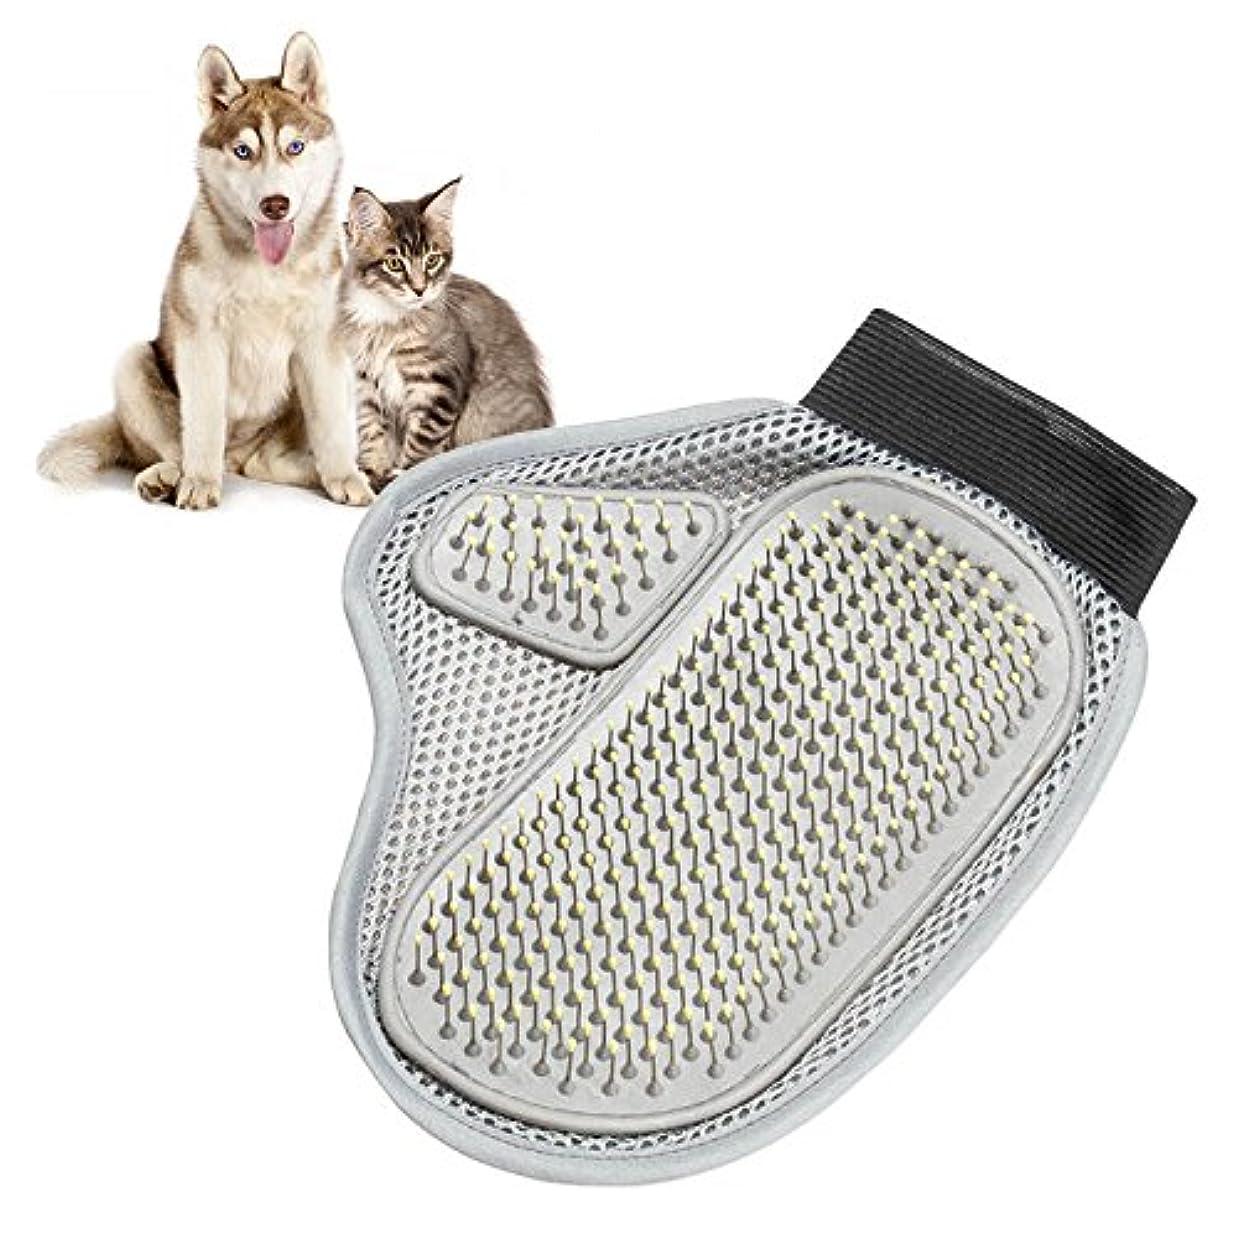 思いやりのある保証思い出させるBTXXYJP ペット ブラシ 手袋 猫 ブラシ グローブ クリーナー 耐摩耗 抜け毛取り マッサージブラシ 犬 グローブ (Color : Gray, Size : M)